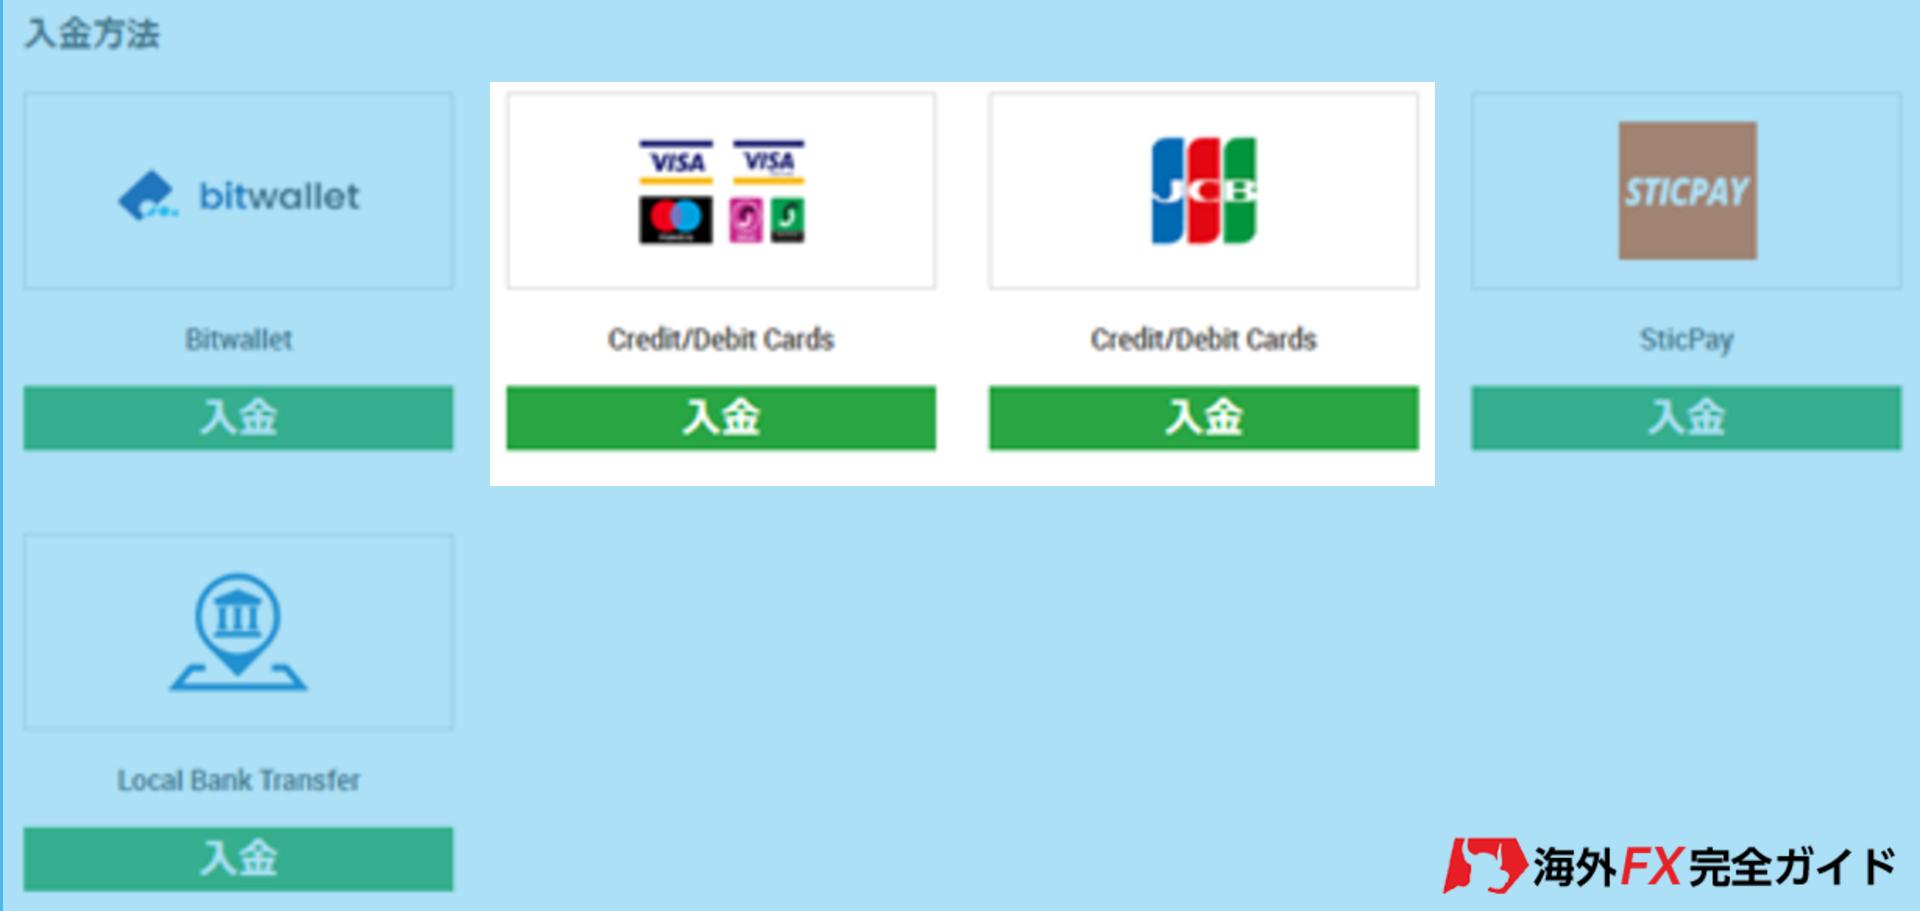 XMクレジットカード入金を選択